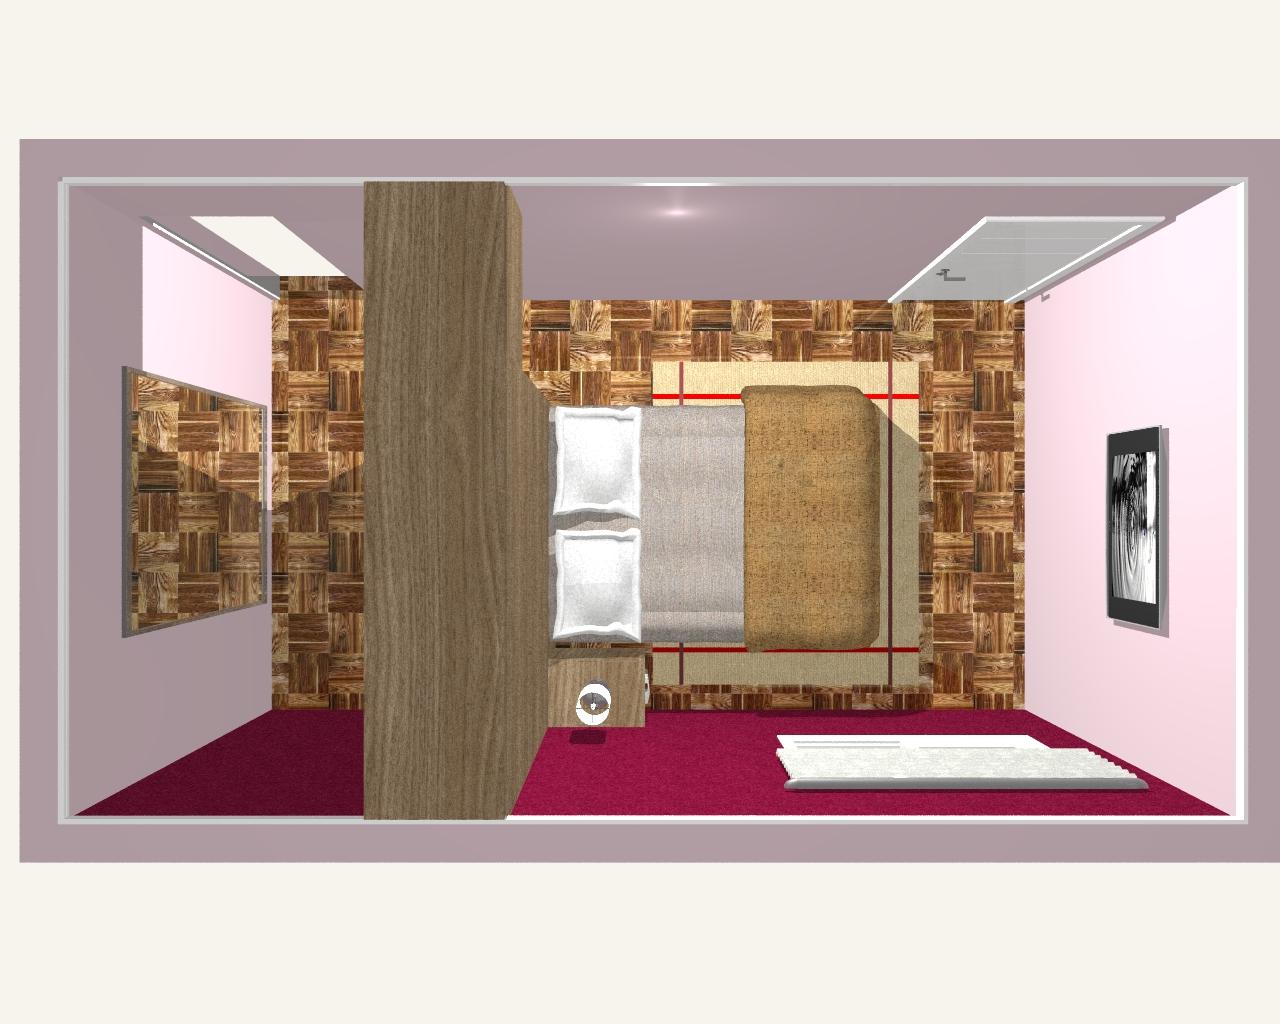 da cama box e terá uma porta de correr que divide os ambientes #B72214 1280x1024 Banheiro Acessivel Pode Ter Porta De Correr